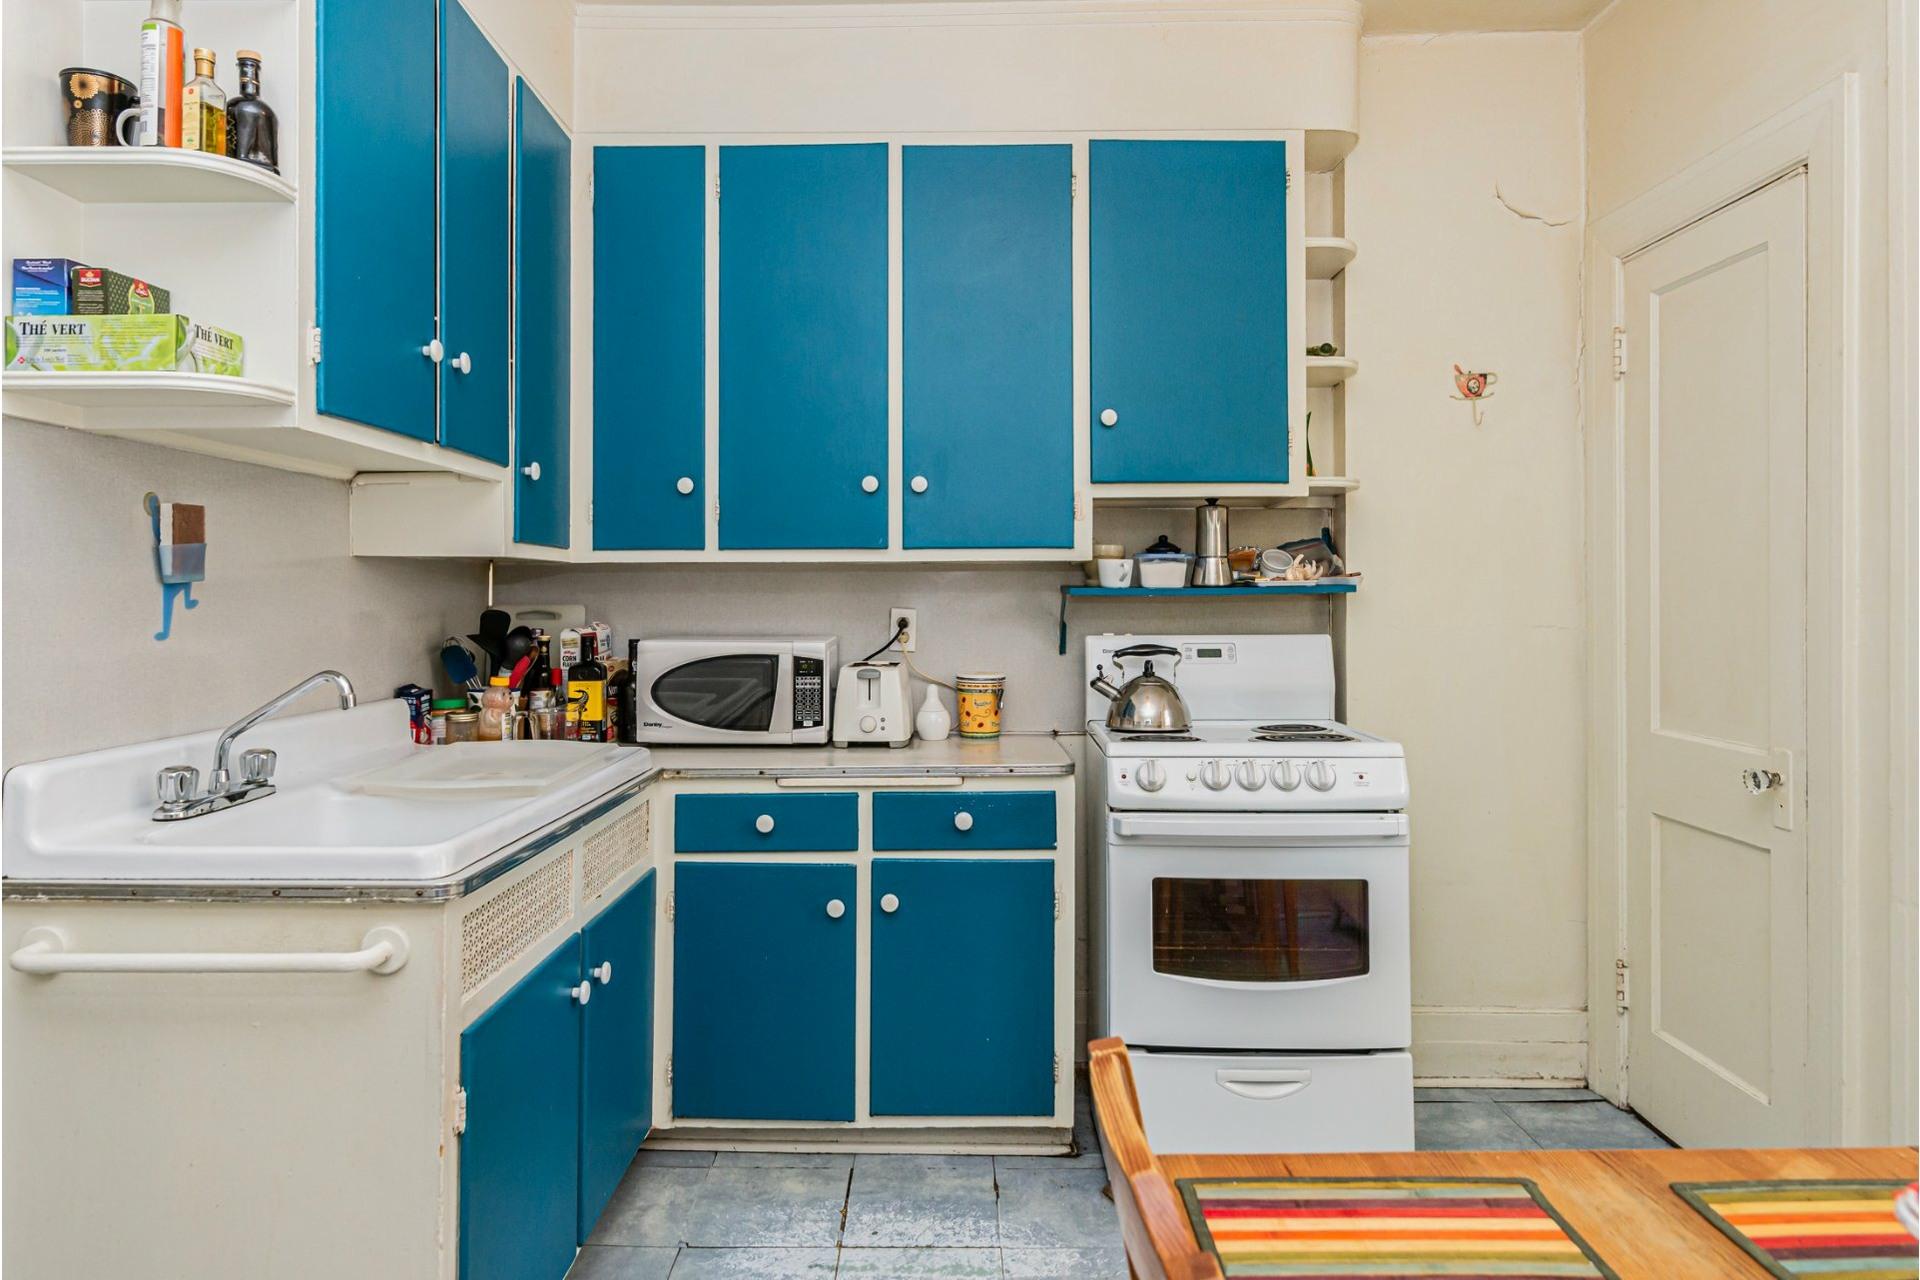 image 25 - Duplex À vendre Côte-des-Neiges/Notre-Dame-de-Grâce Montréal  - 6 pièces